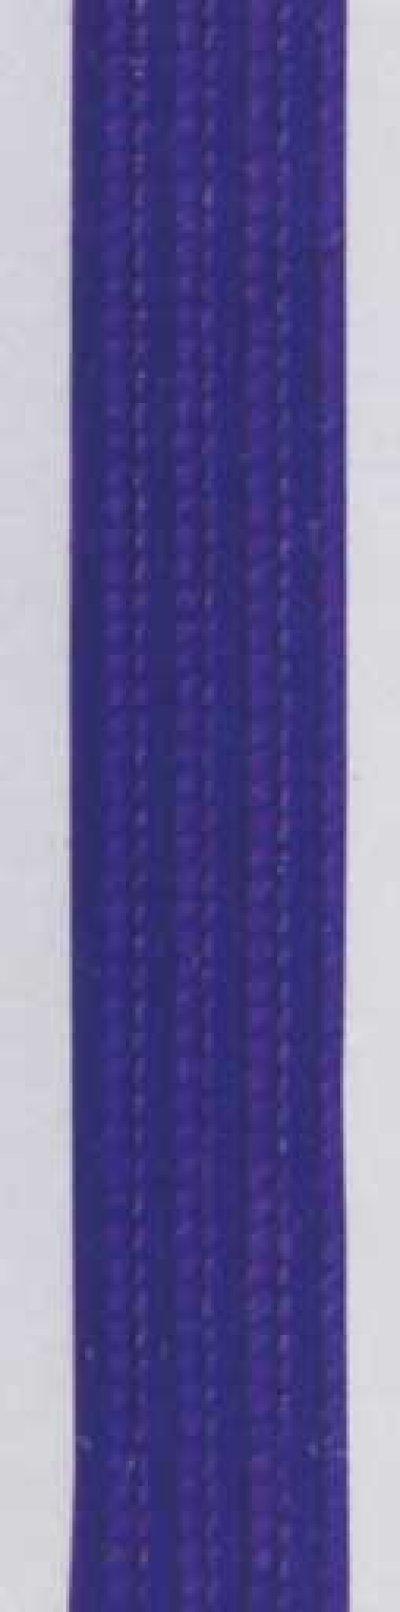 画像1: 表具用紐【紫】